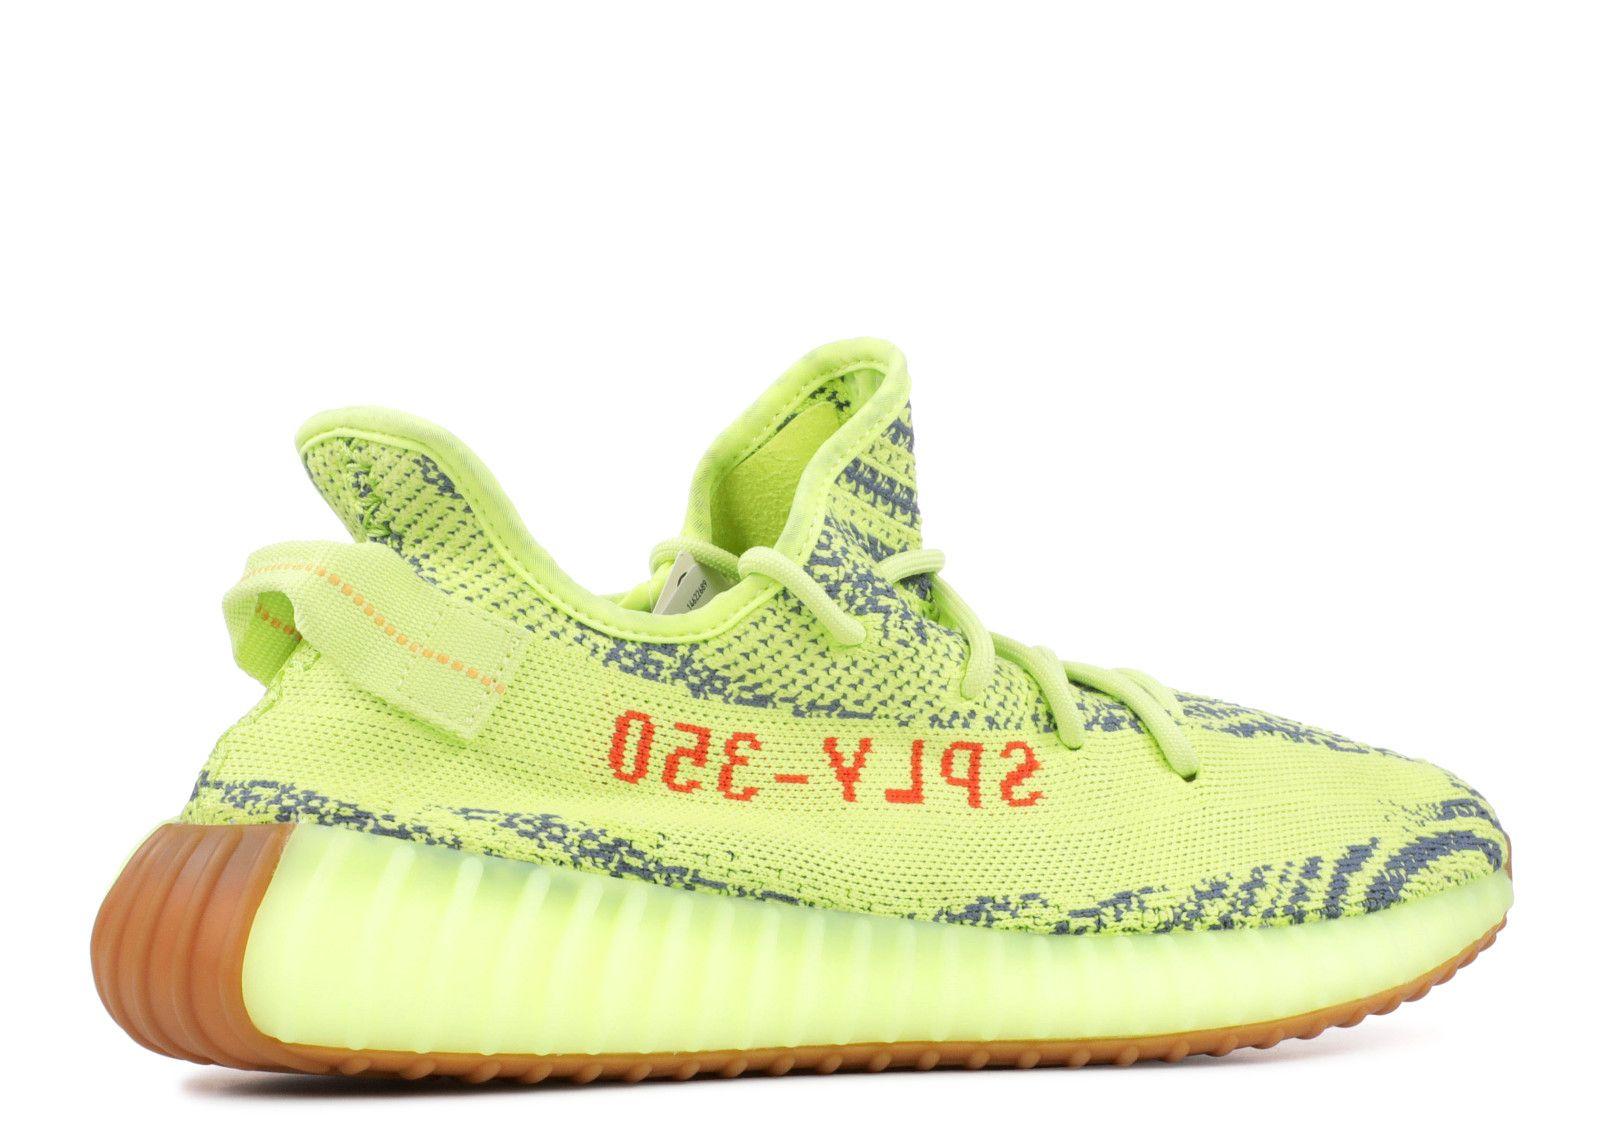 Adidas Yeezy Boost 350 V2 Frozen Yellow Yeezy Boost Yeezy Boost 350 Yeezy